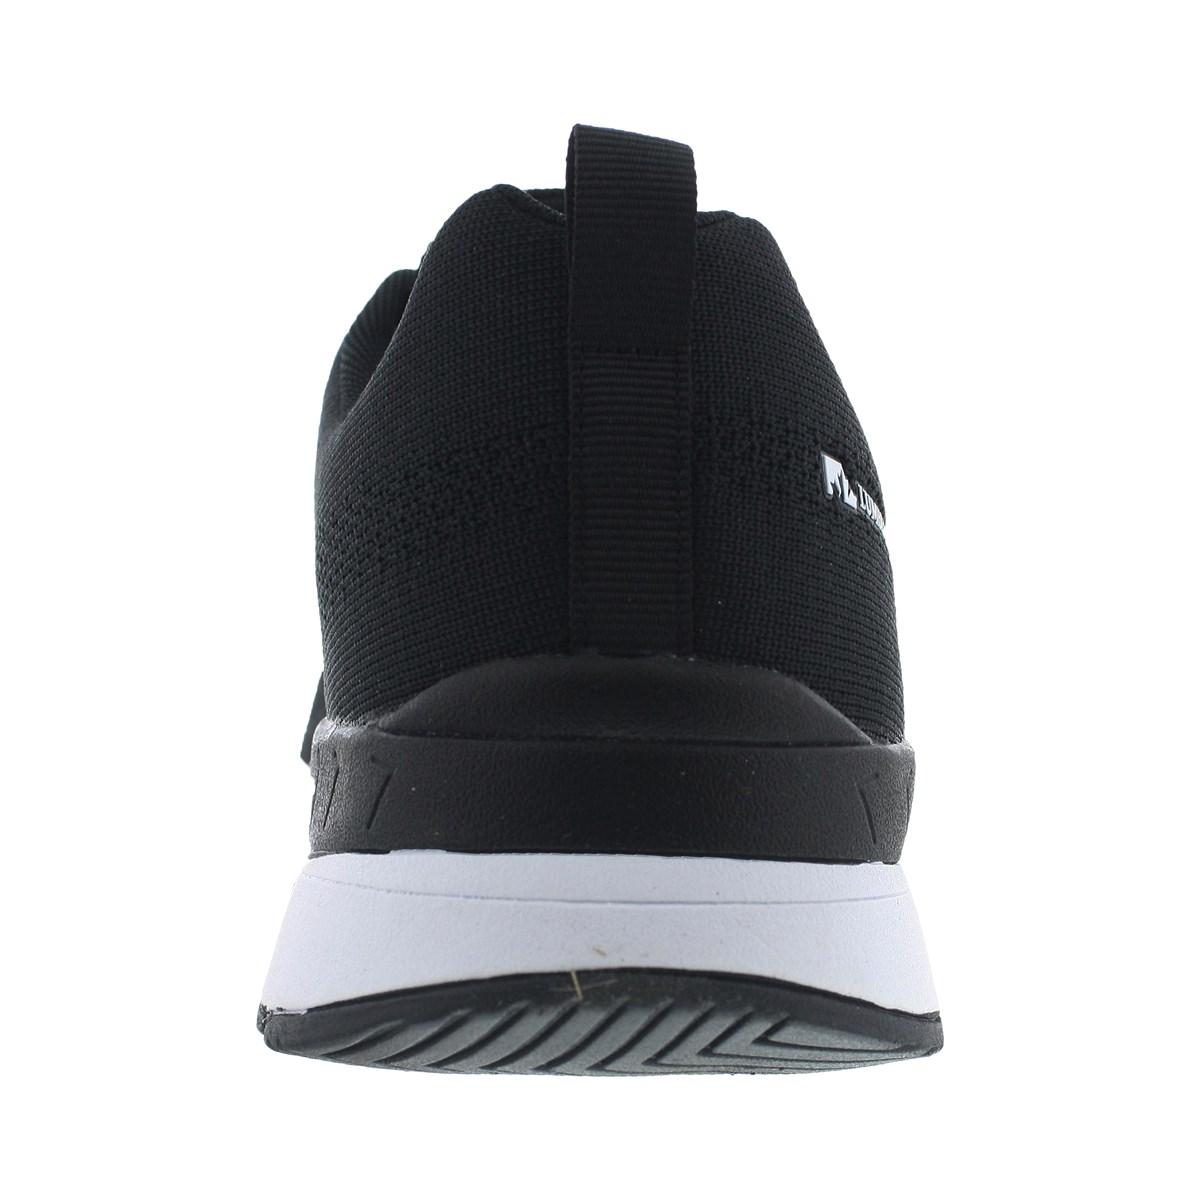 Connect Siyah Erkek Koşu Ayakkabısı